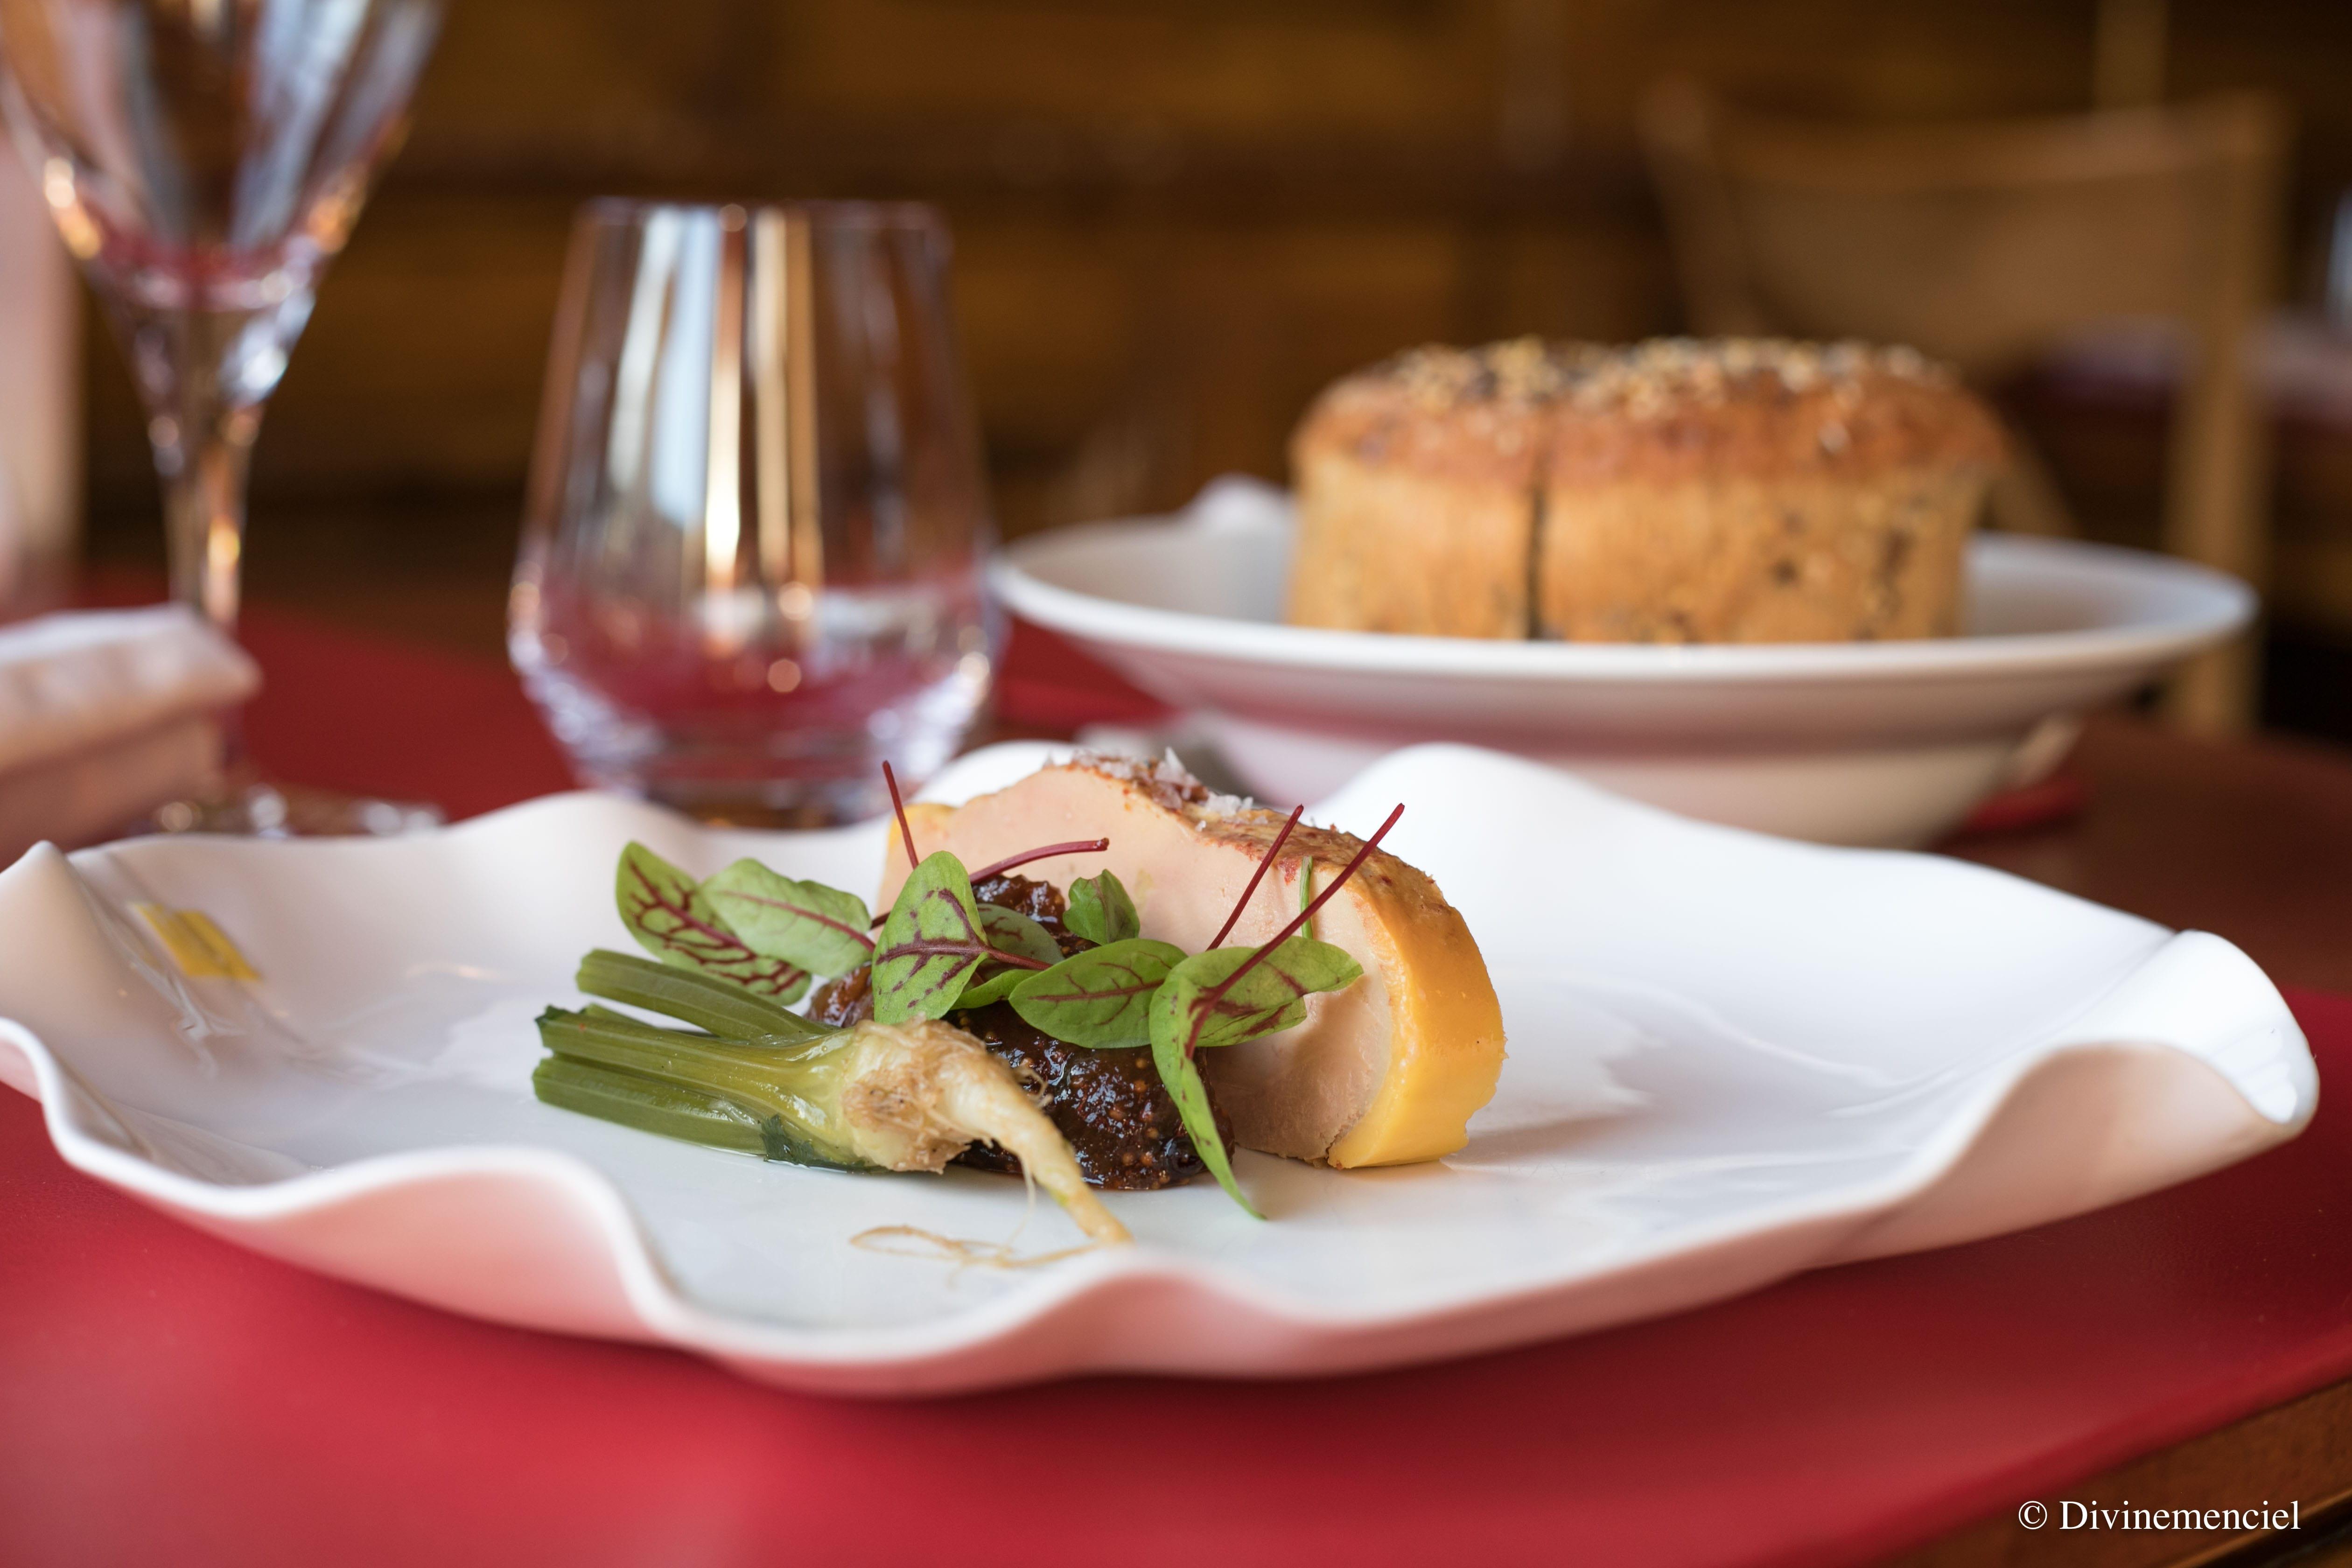 restaurant-gastronomique-lyon-letage-foie-gras